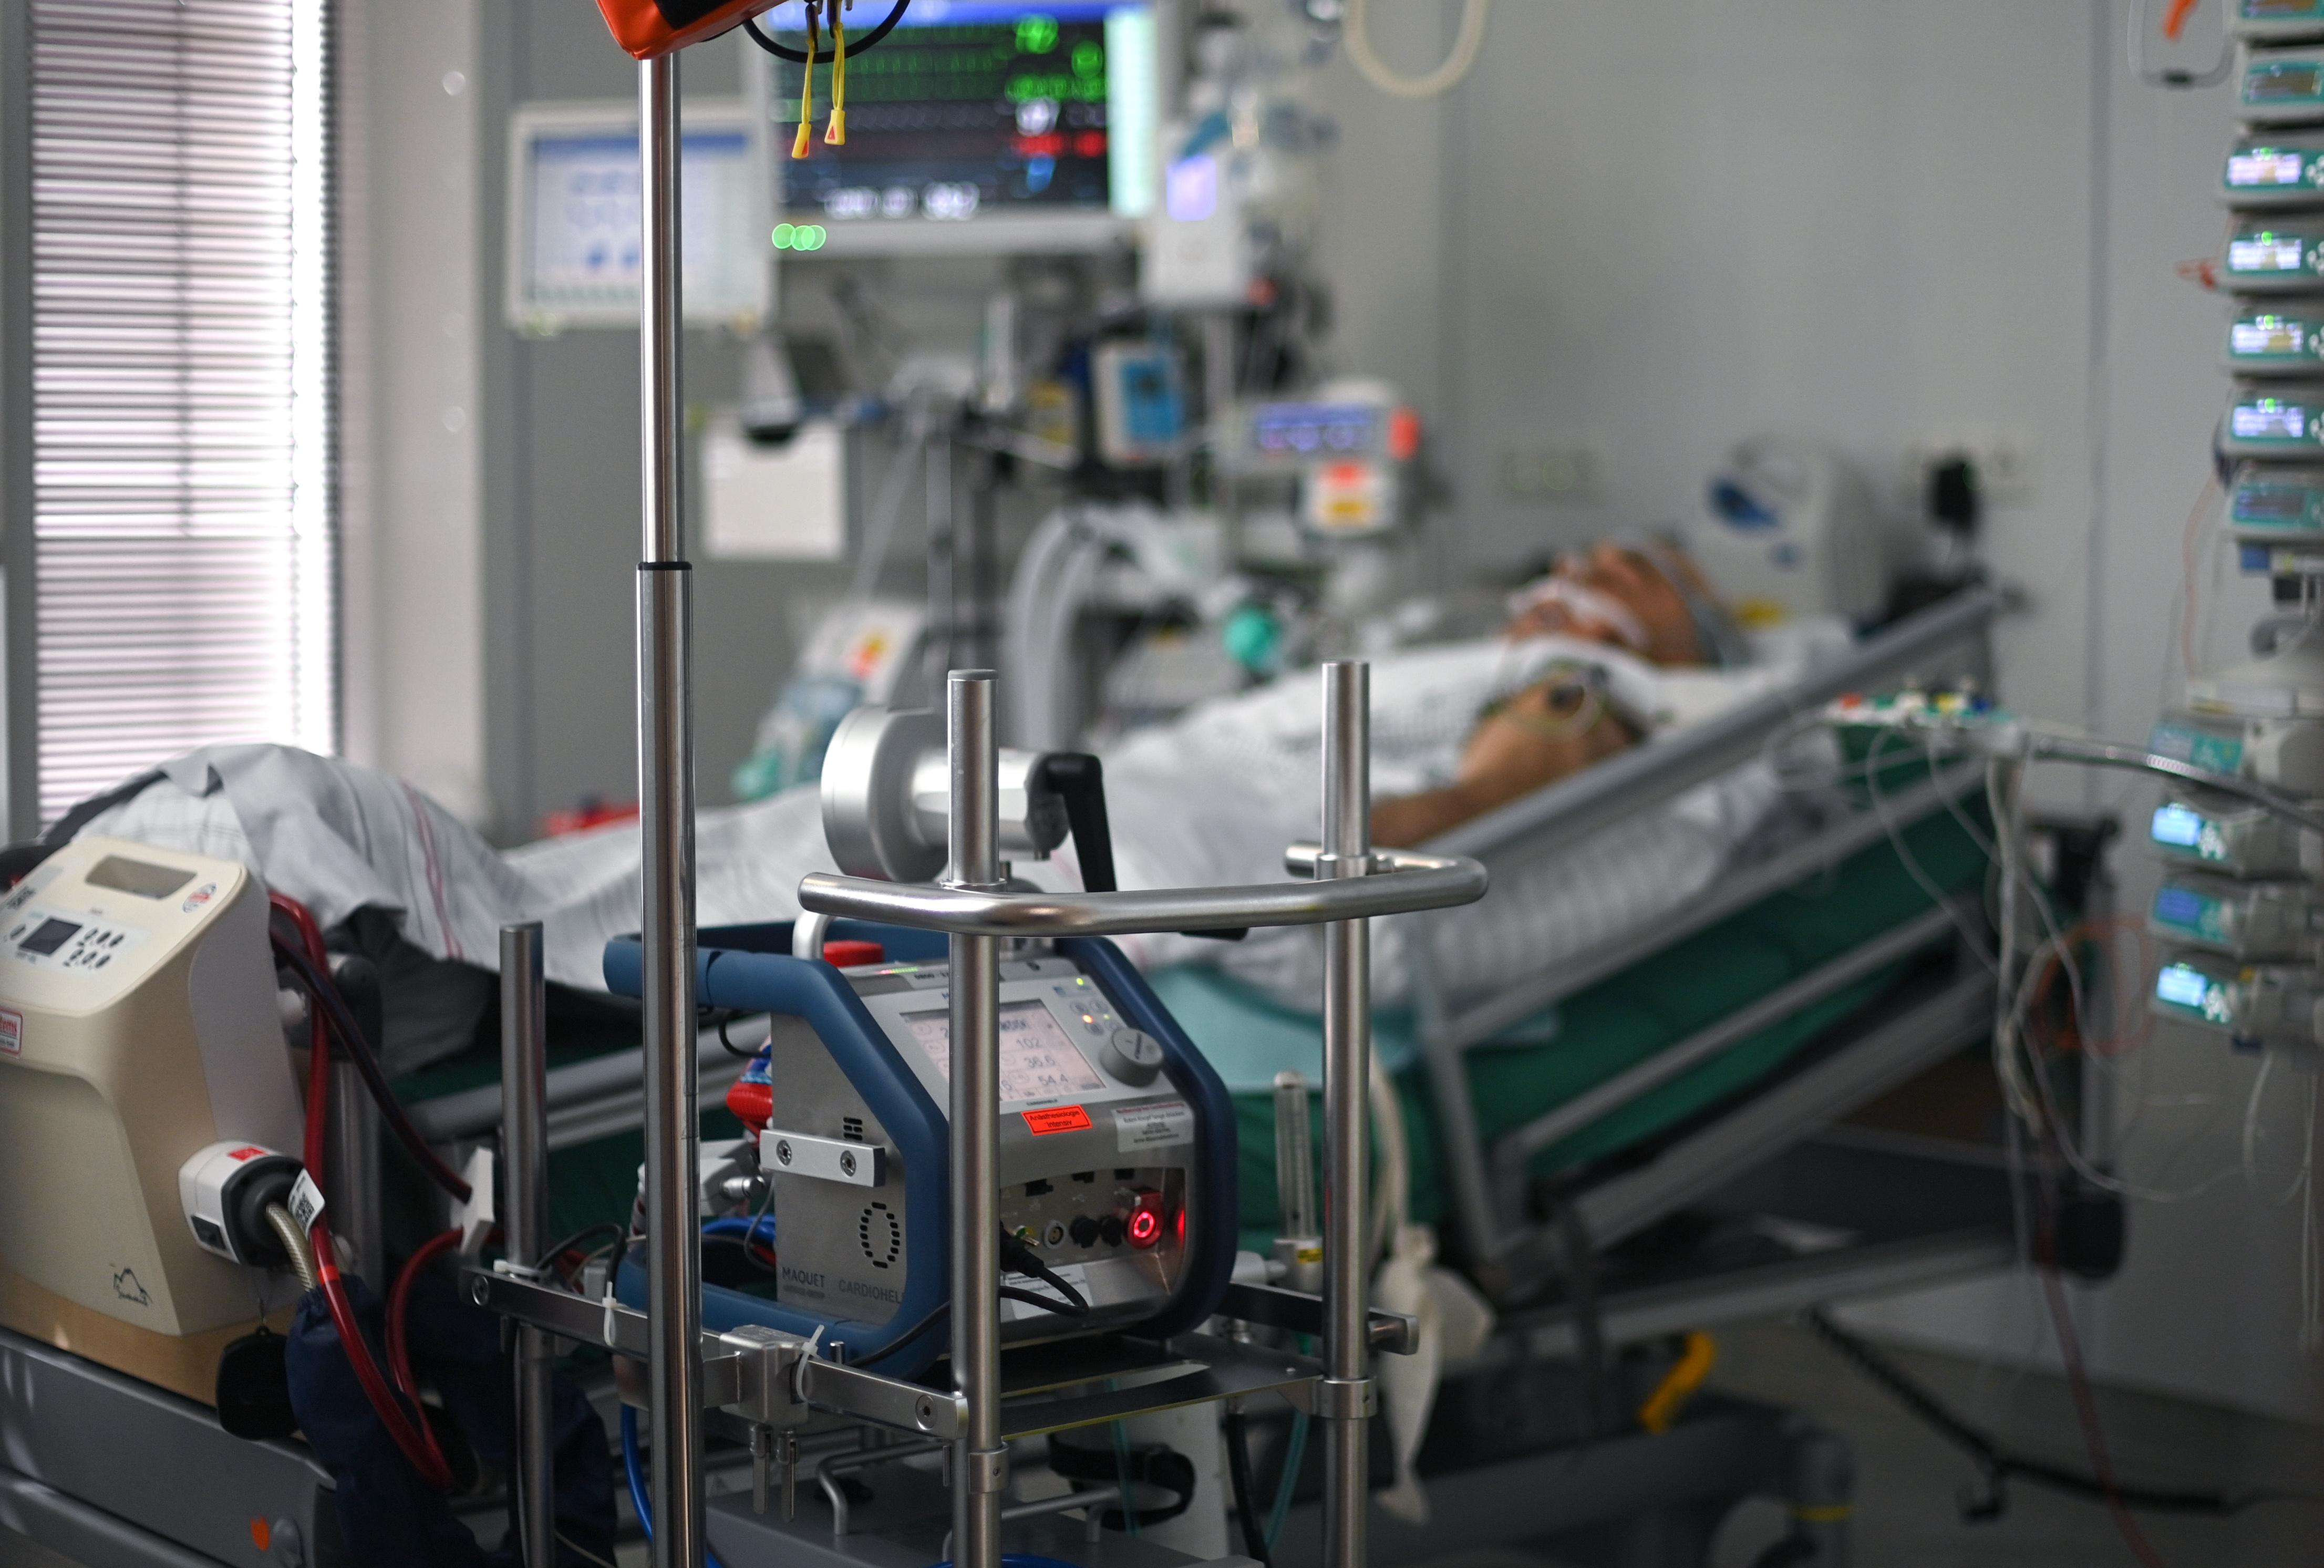 Mit vigyél magaddal a kórházba, ha koronavírusos vagy, vagy csak be kell feküdnöd a járvány idején?